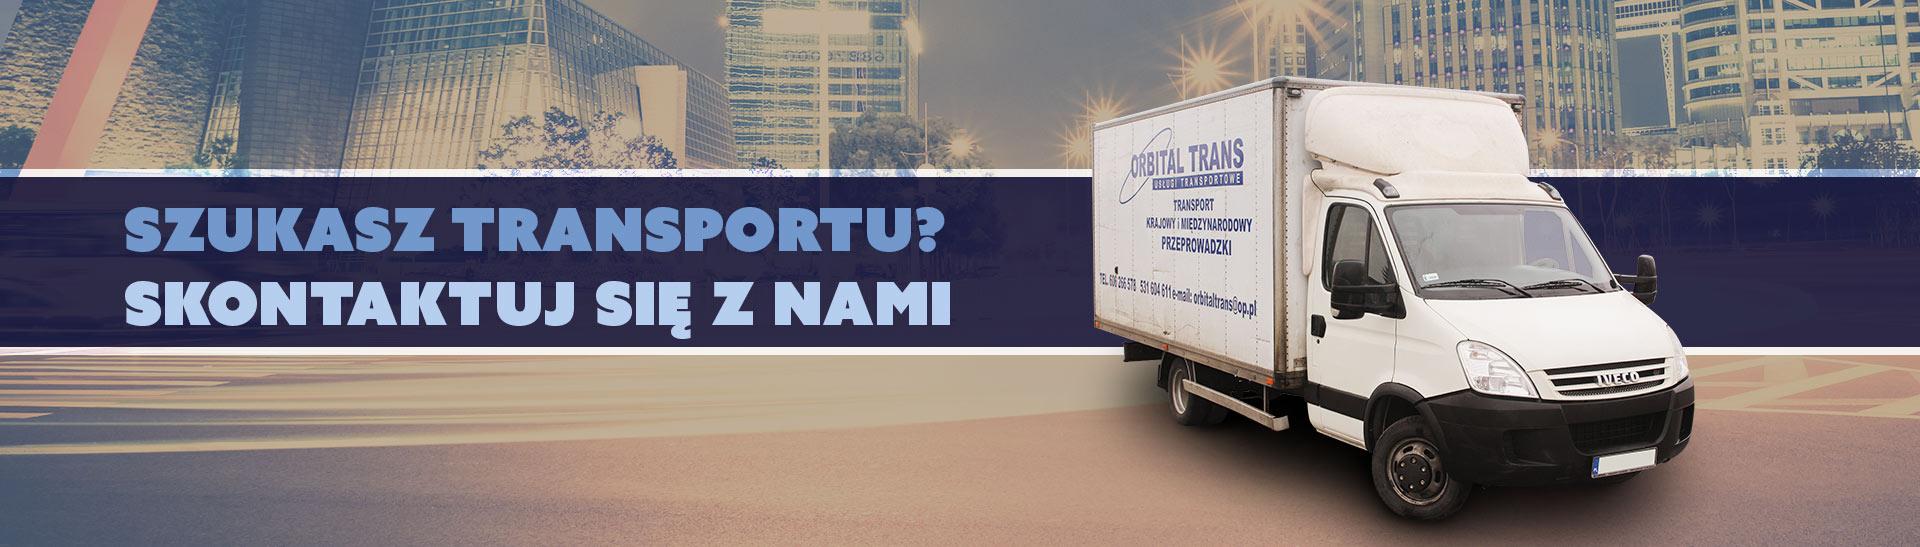 firma transportowa przeprowadzki